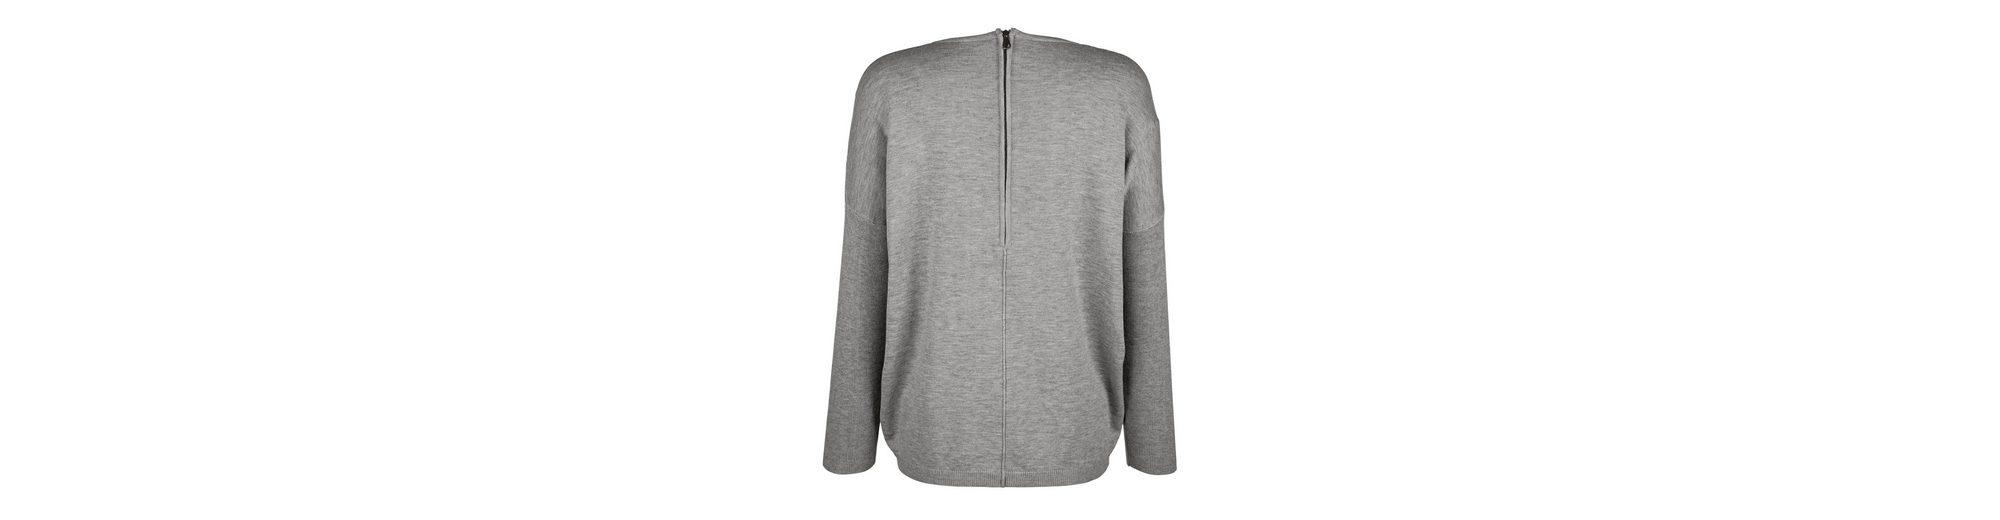 Günstig Kaufen Große Überraschung Top-Qualität Online Alba Moda Pullover in Oversized-Form Blick Zu Verkaufen Verkauf Sehr Billig Günstig Kaufen Blick NLnyGnHL